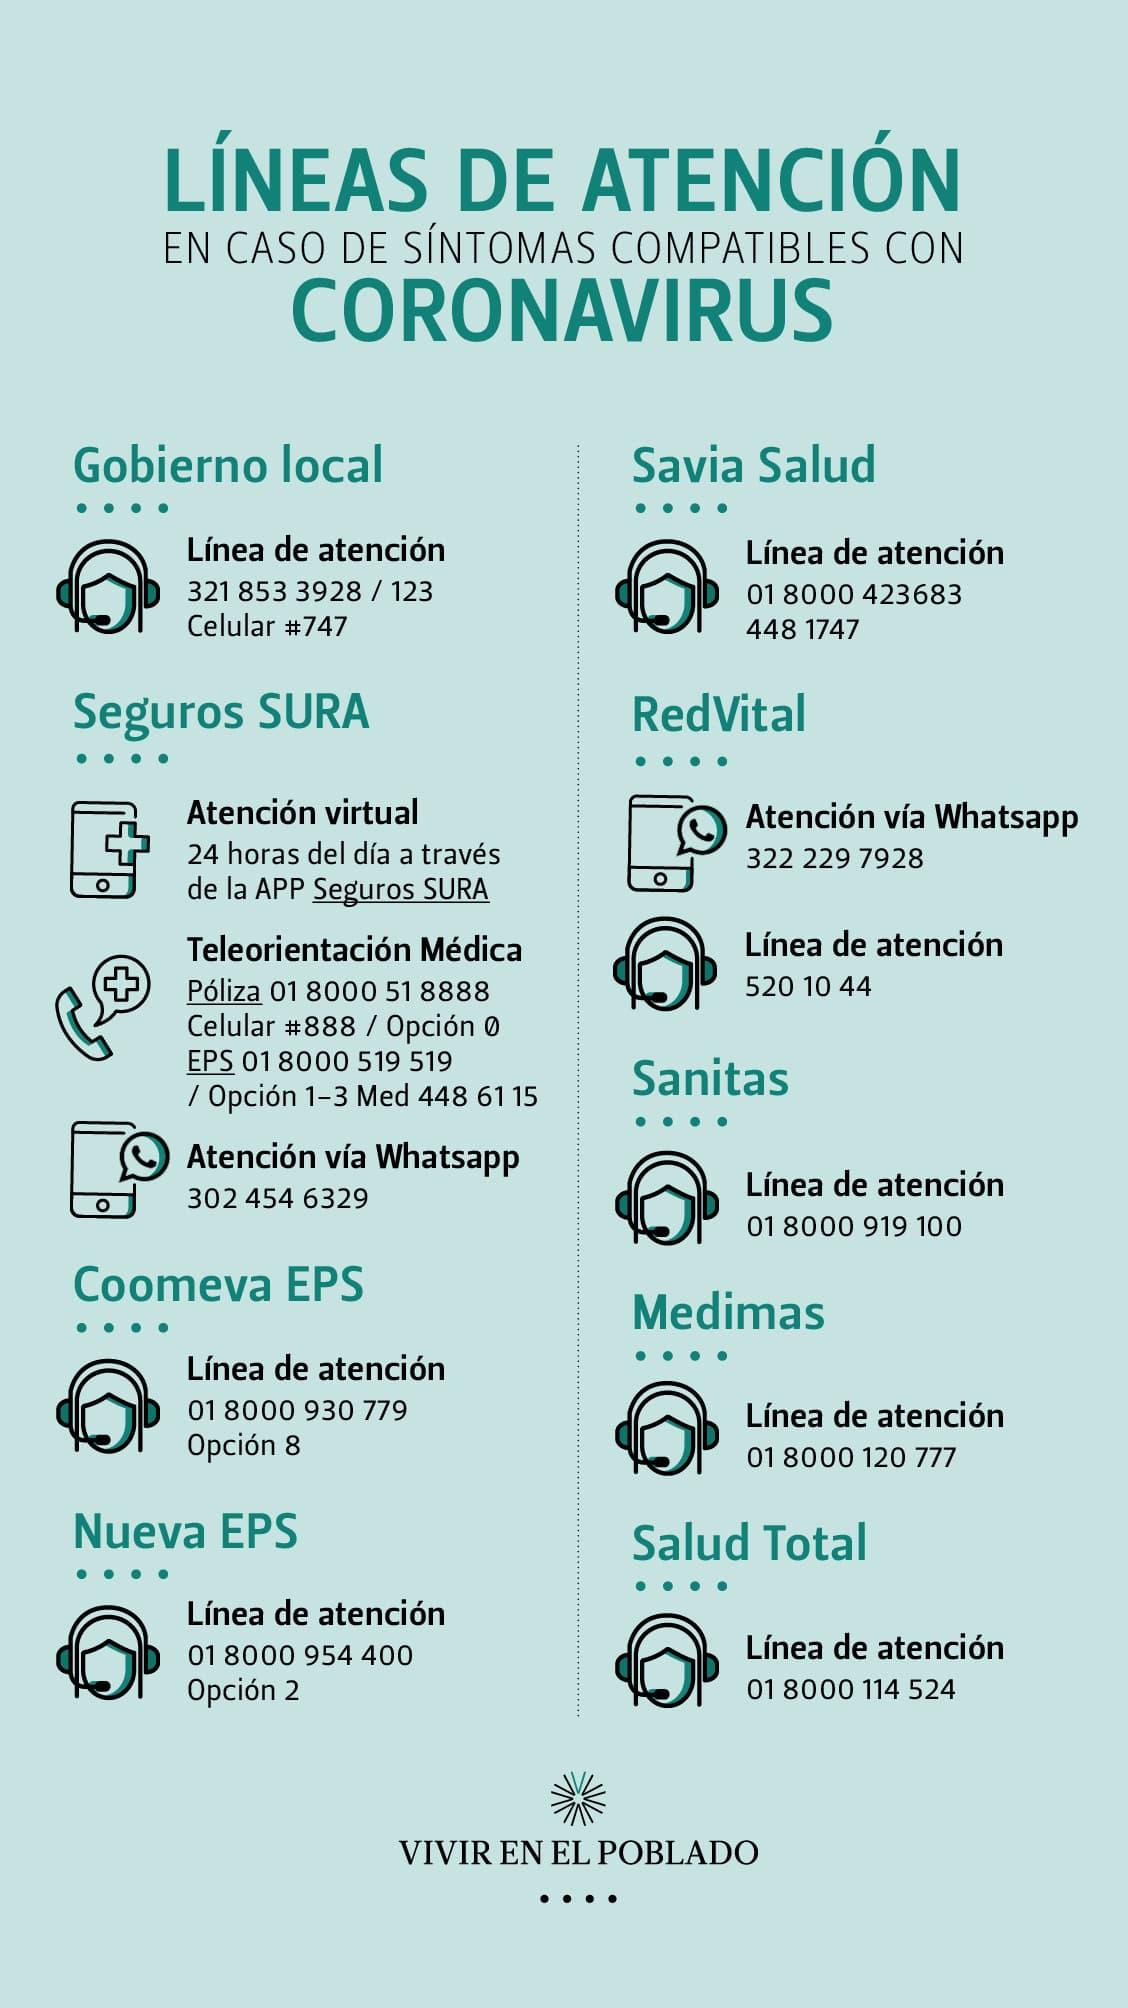 Líneas de atención por coronavirus en Medellín